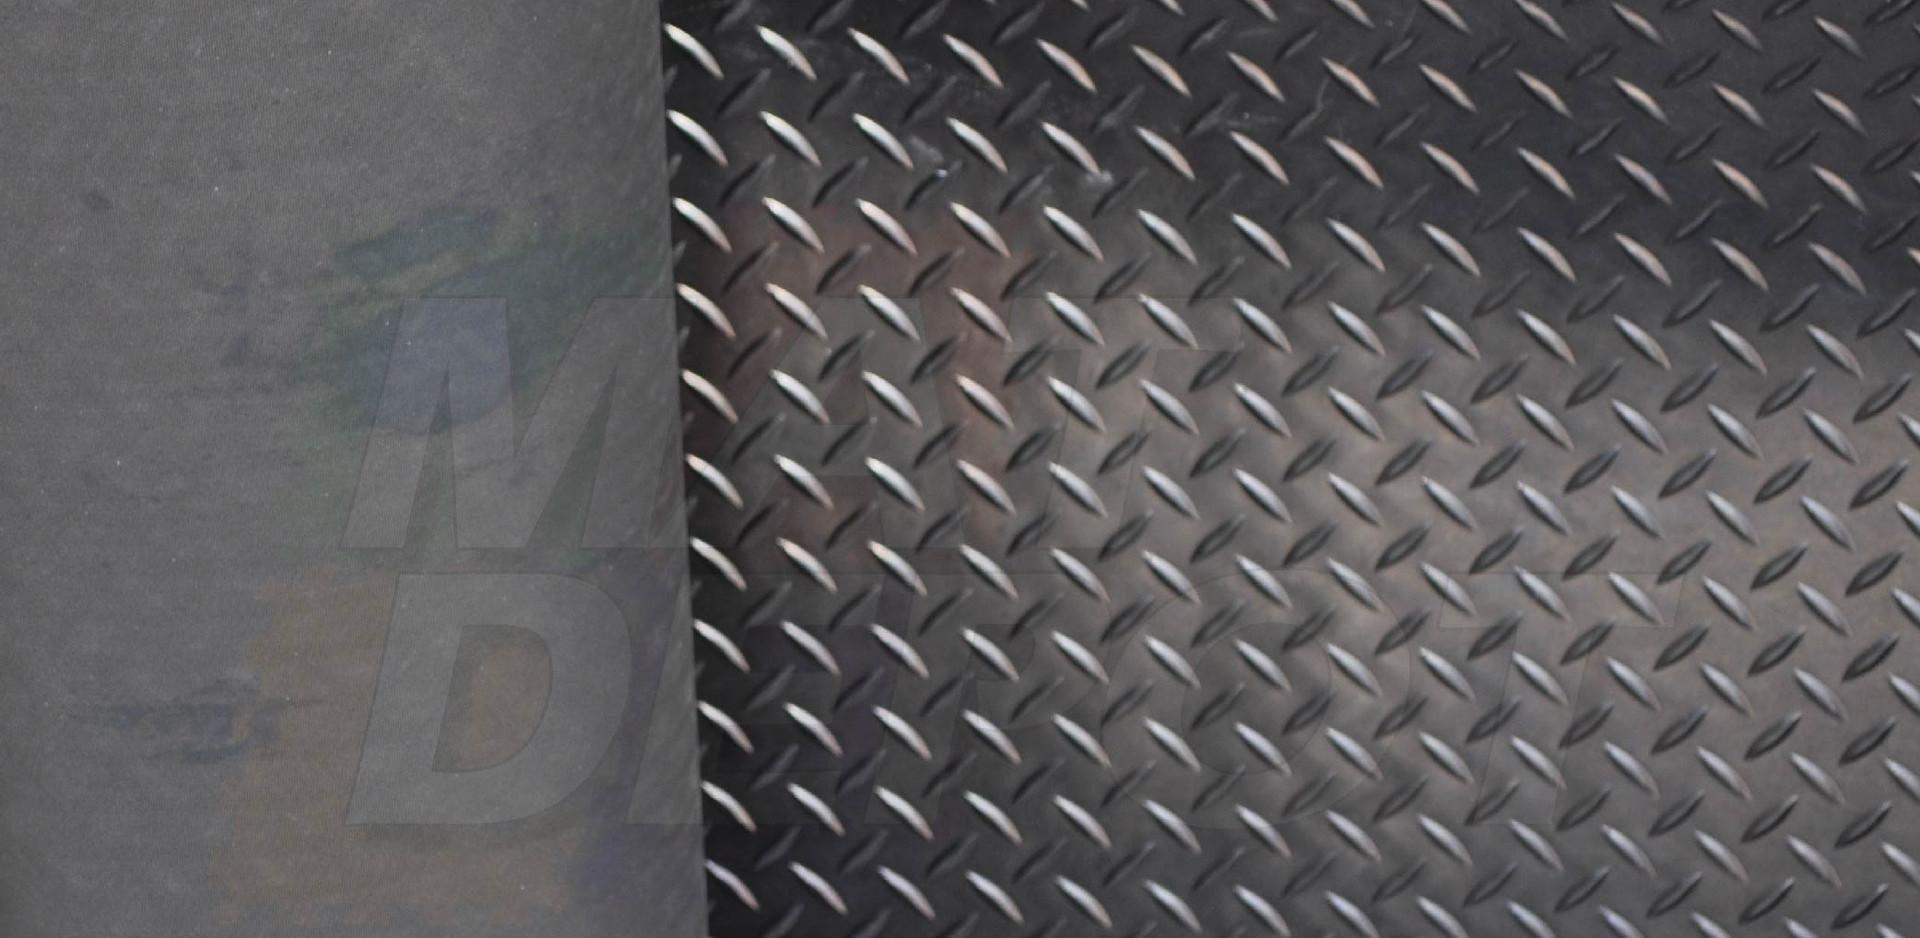 Tapete antiderrapante de espiga con base áspera